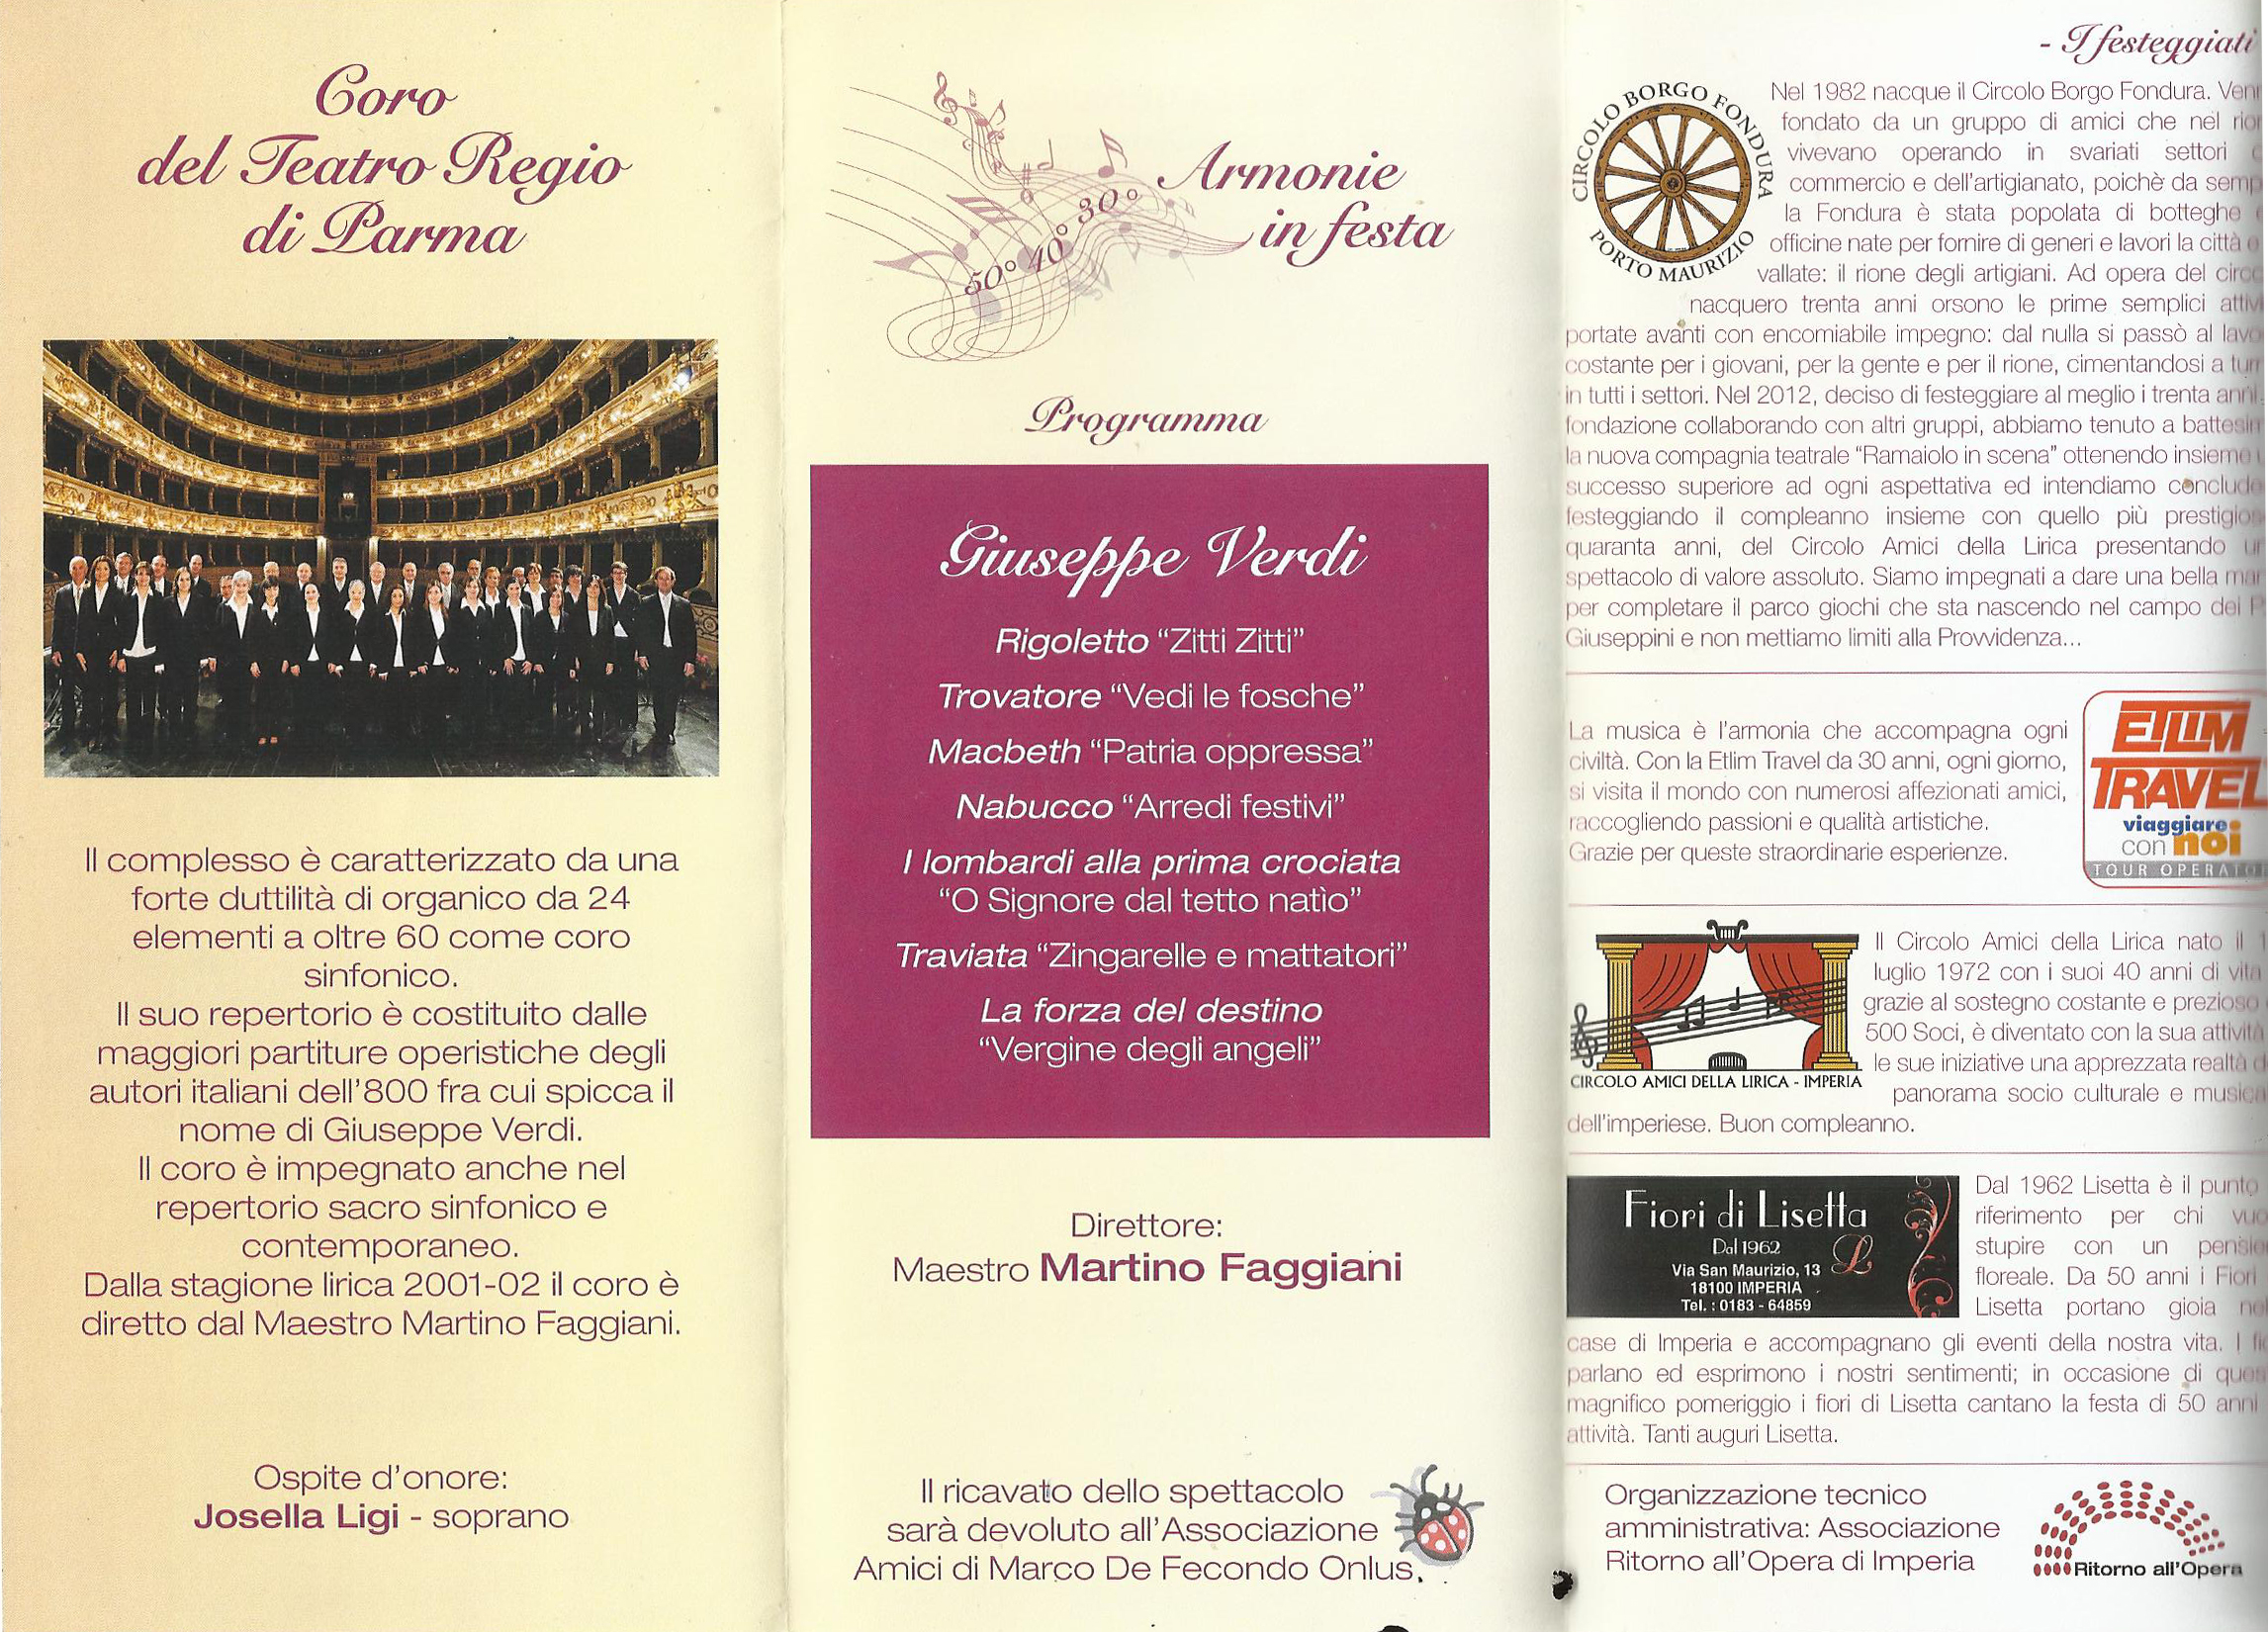 Concerto-Coro-Teatro-Regio-di-Parma-4-novembre-2012-T.Cavour-in